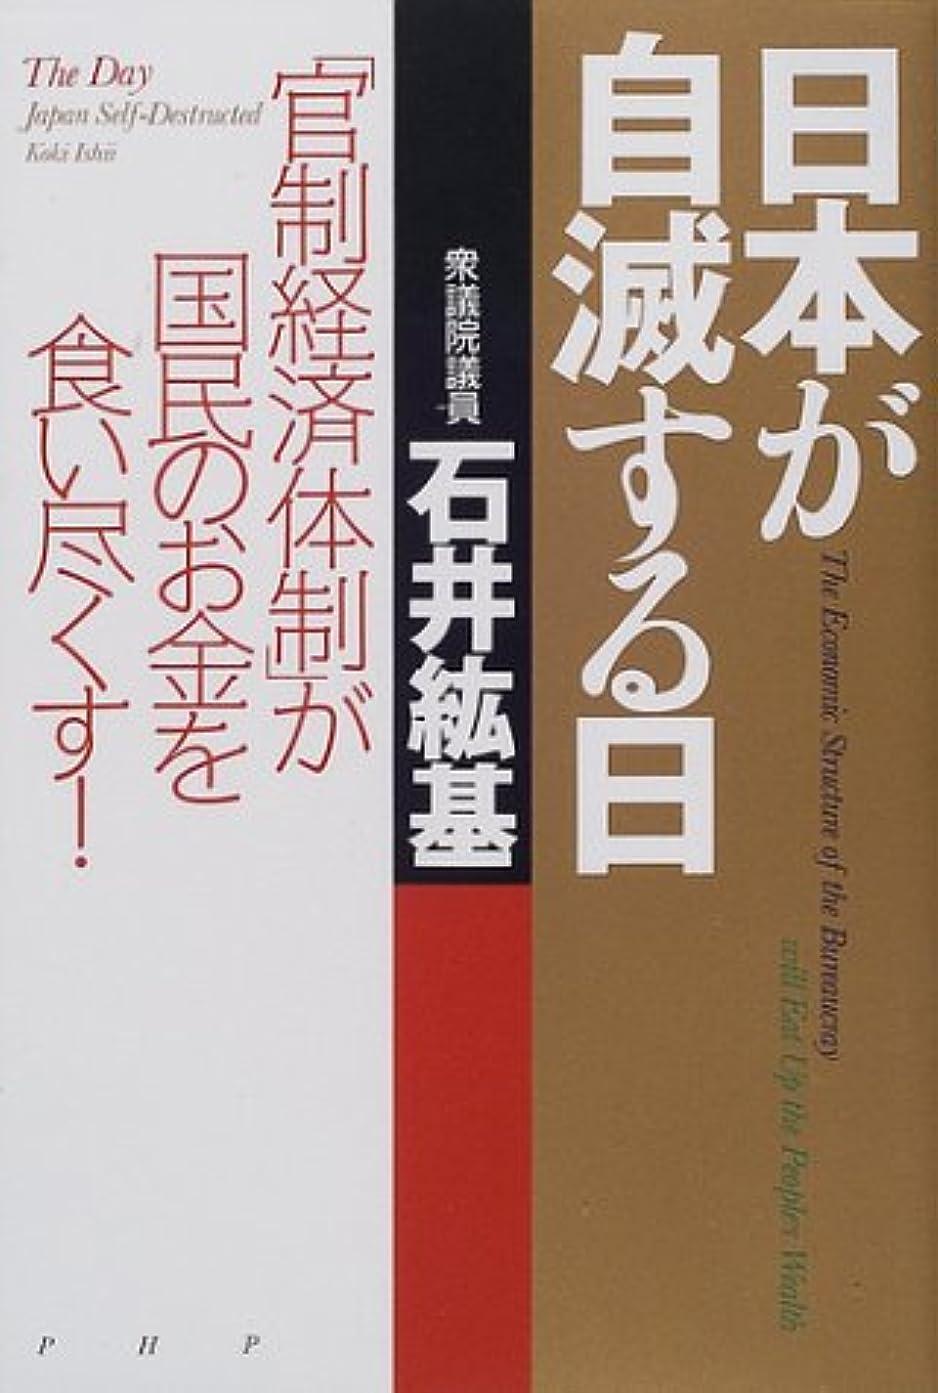 マーチャンダイザー寄稿者割り当てる日本が自滅する日―「官制経済体制」が国民のお金を食い尽くす!